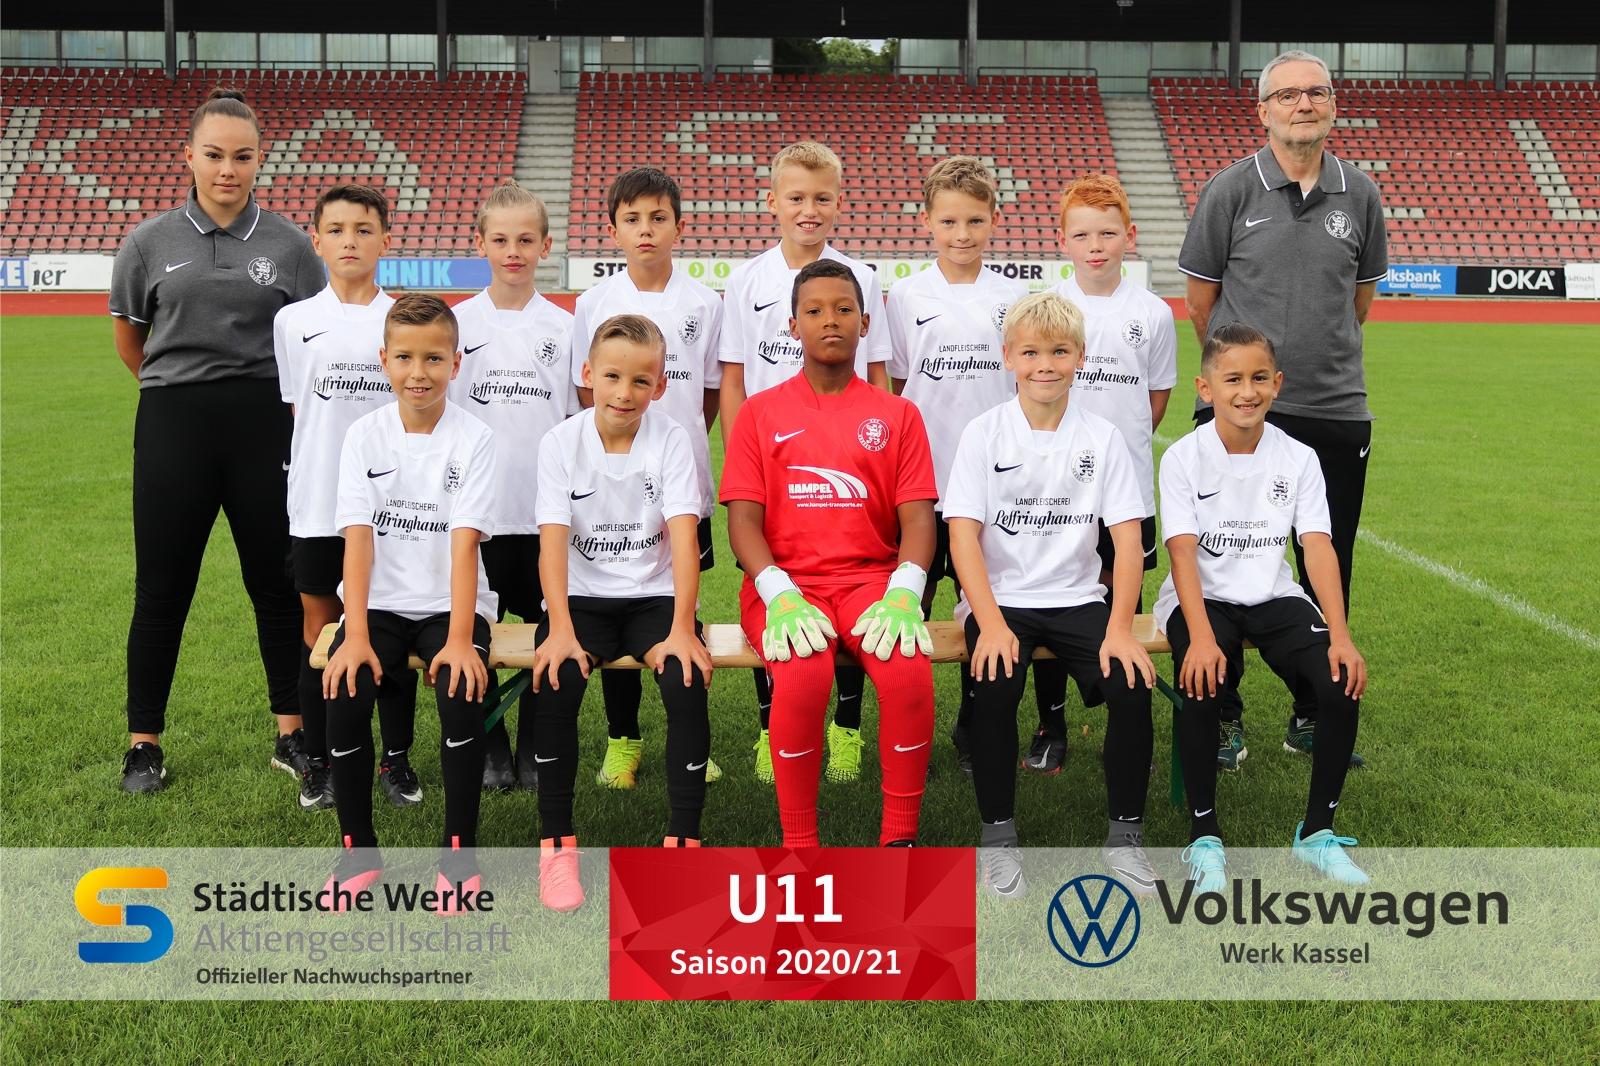 U11 Mannschaft 2020_21